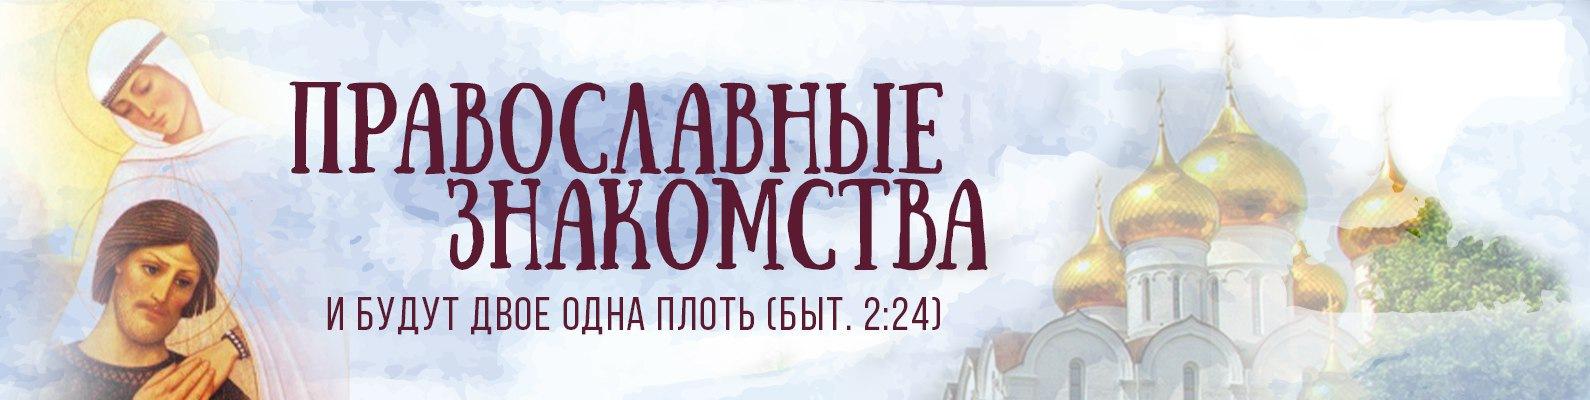 Питер Православные Знакомства